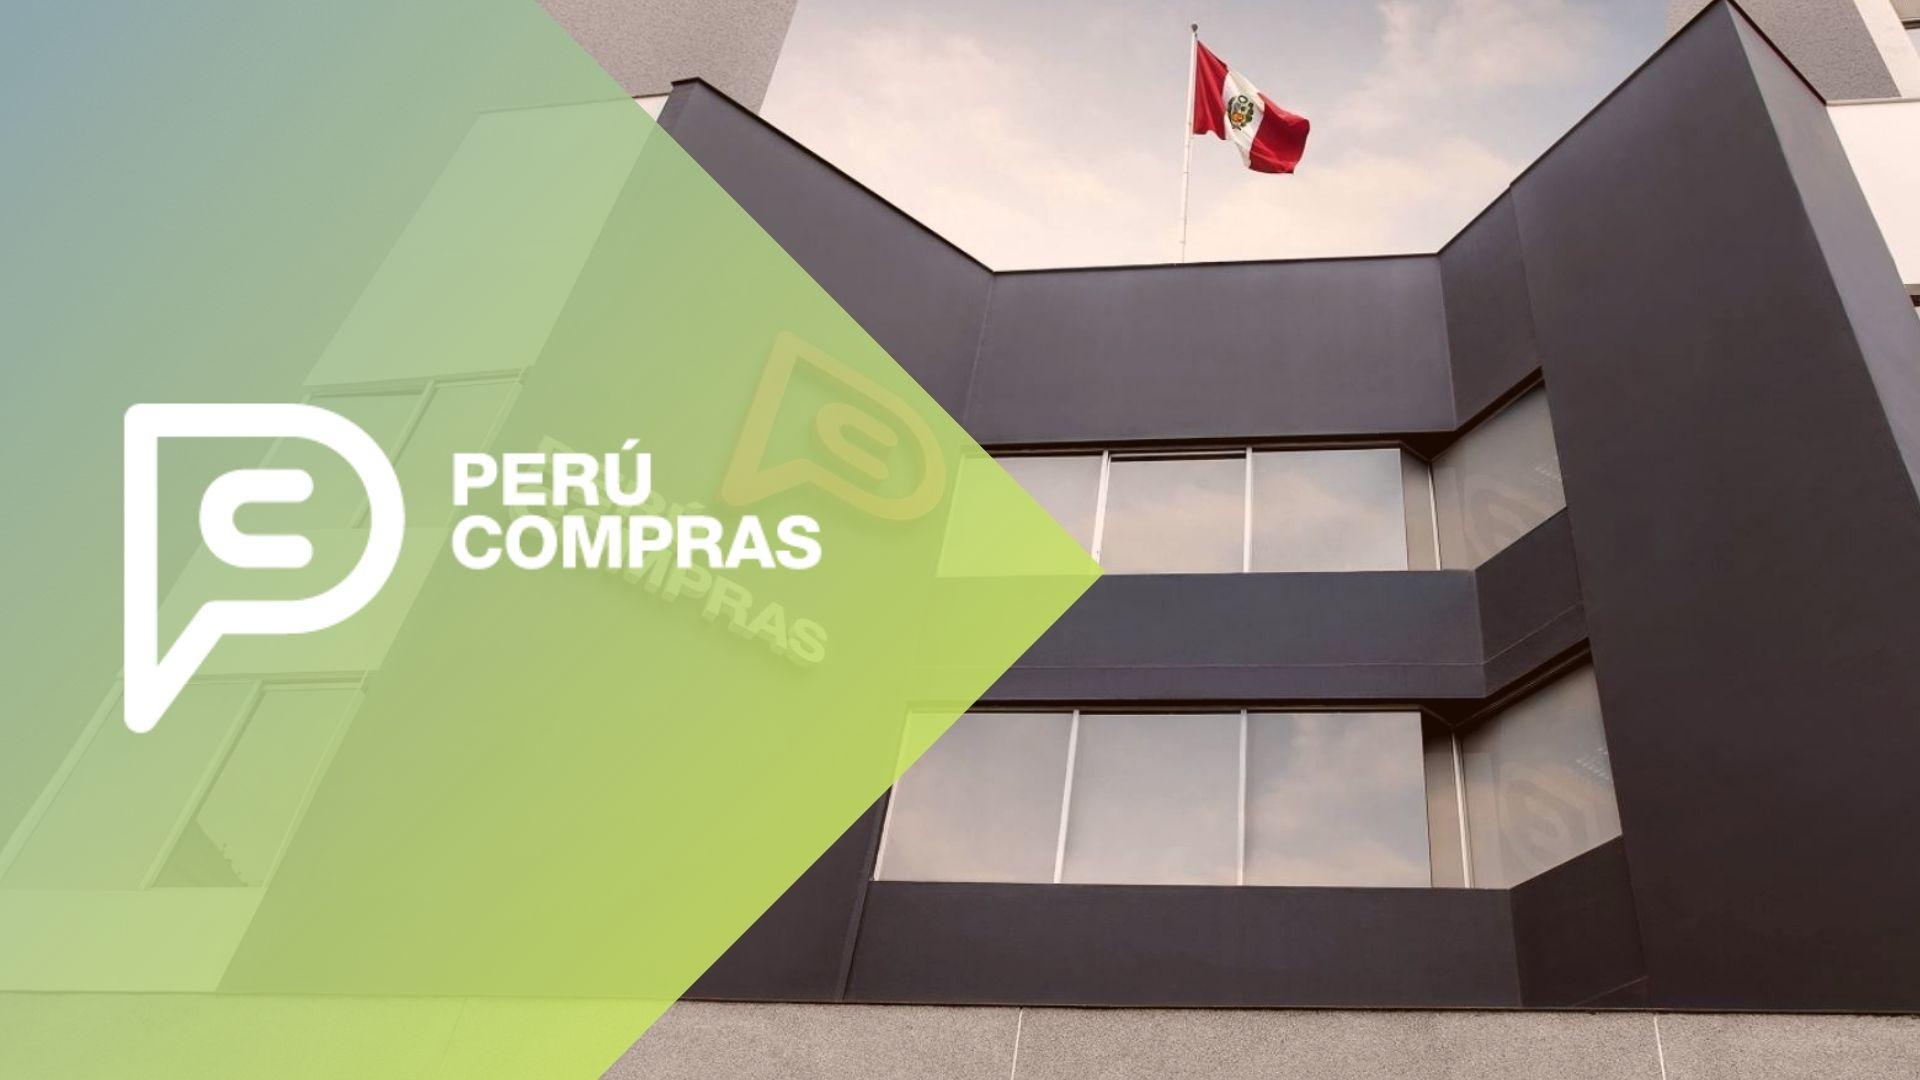 Qué es Perú Compras